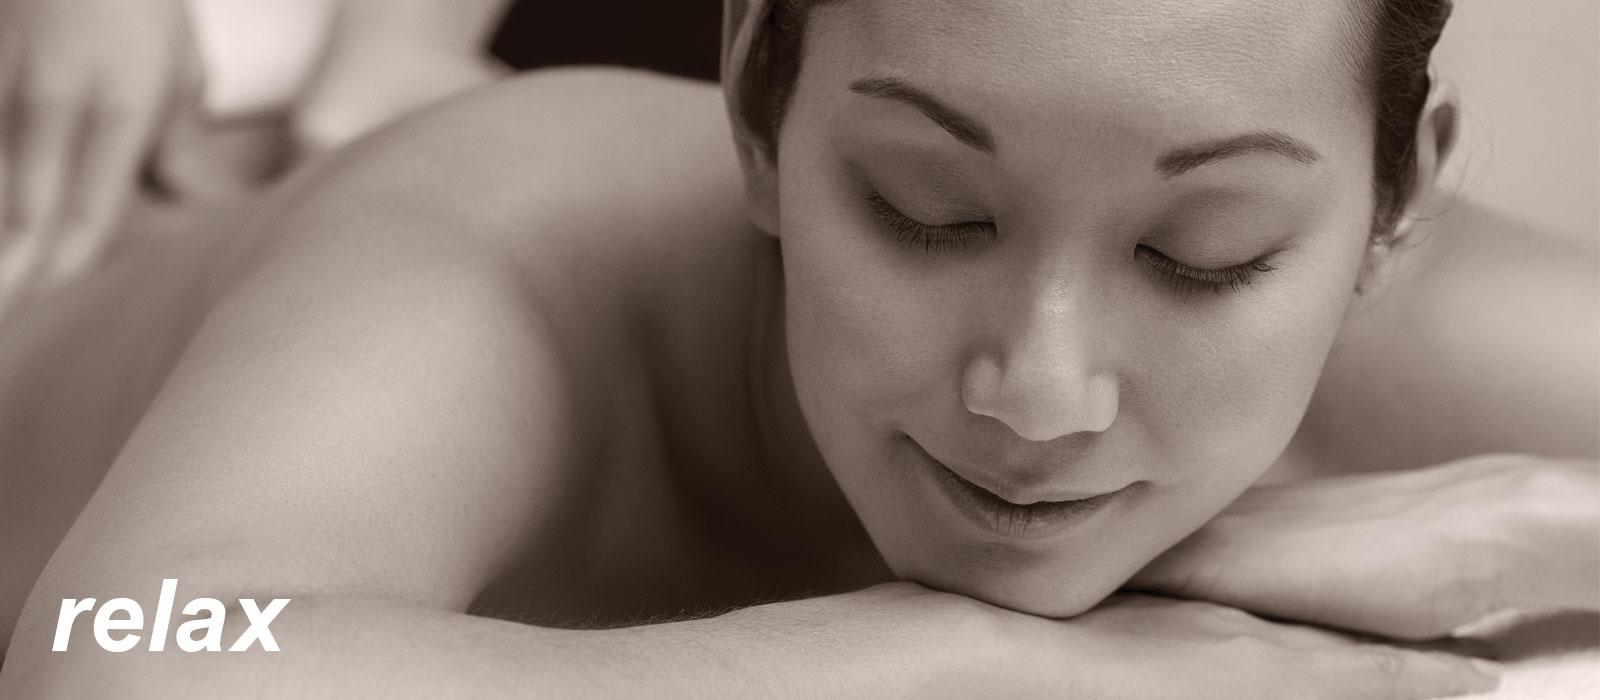 Women Receiving A Relaxing Massage